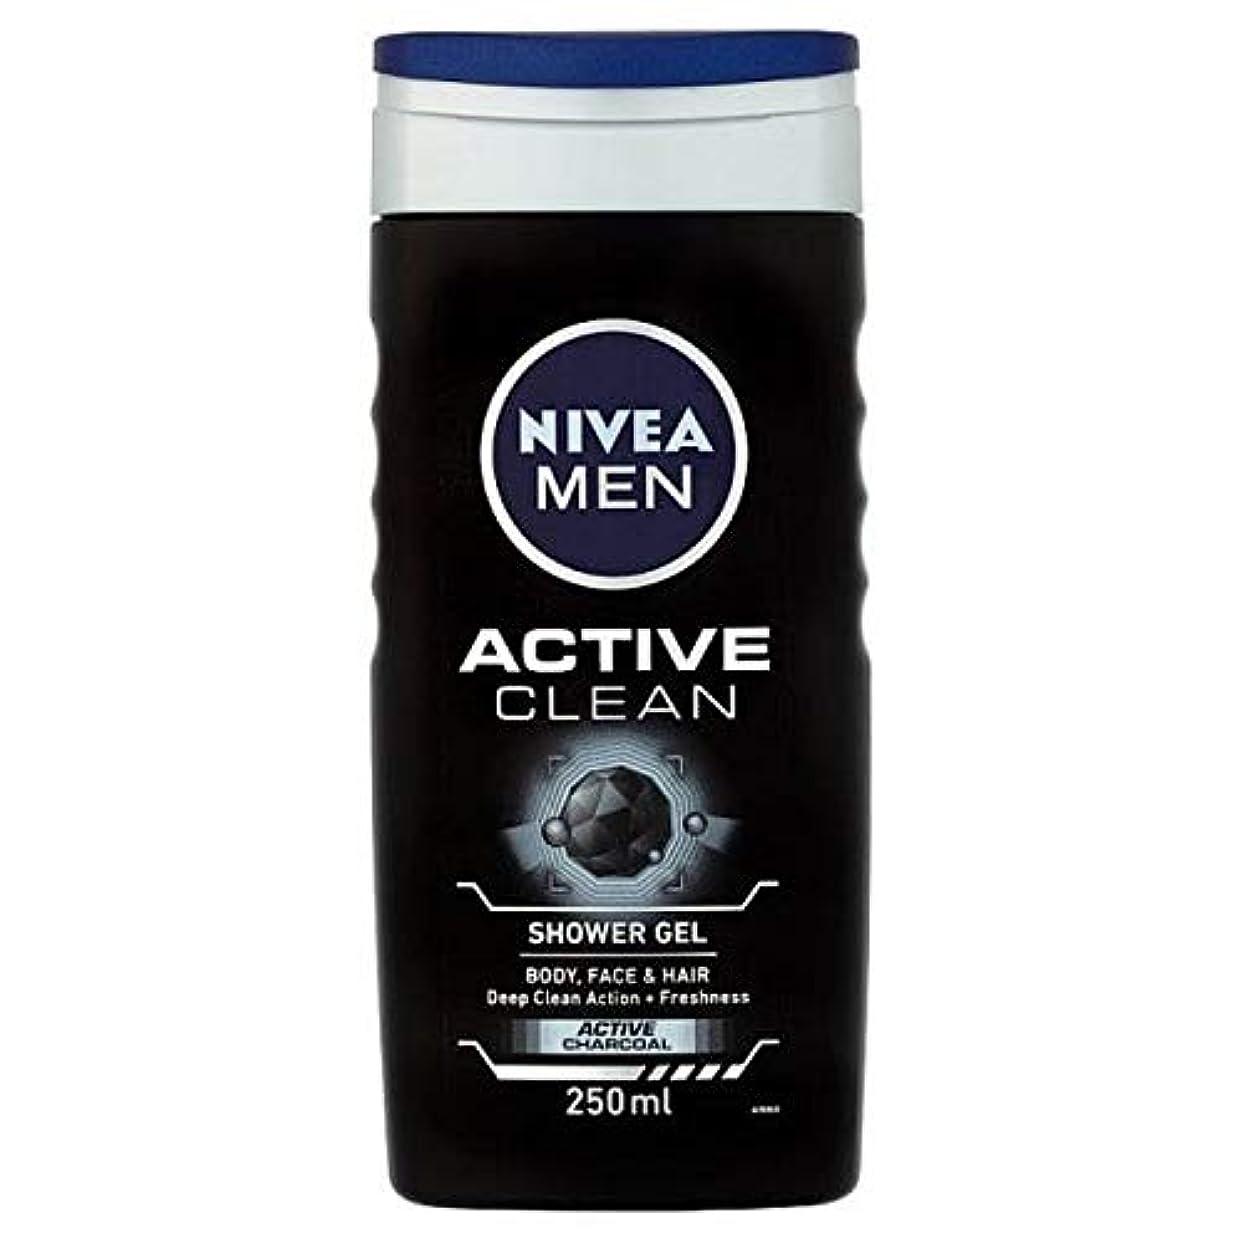 私たちの主婦設置[Nivea ] ニベア男性用シャワージェル、炭との活発なきれいな、250ミリリットル - NIVEA Men Shower Gel, Active Clean with Charcoal, 250ml [並行輸入品]